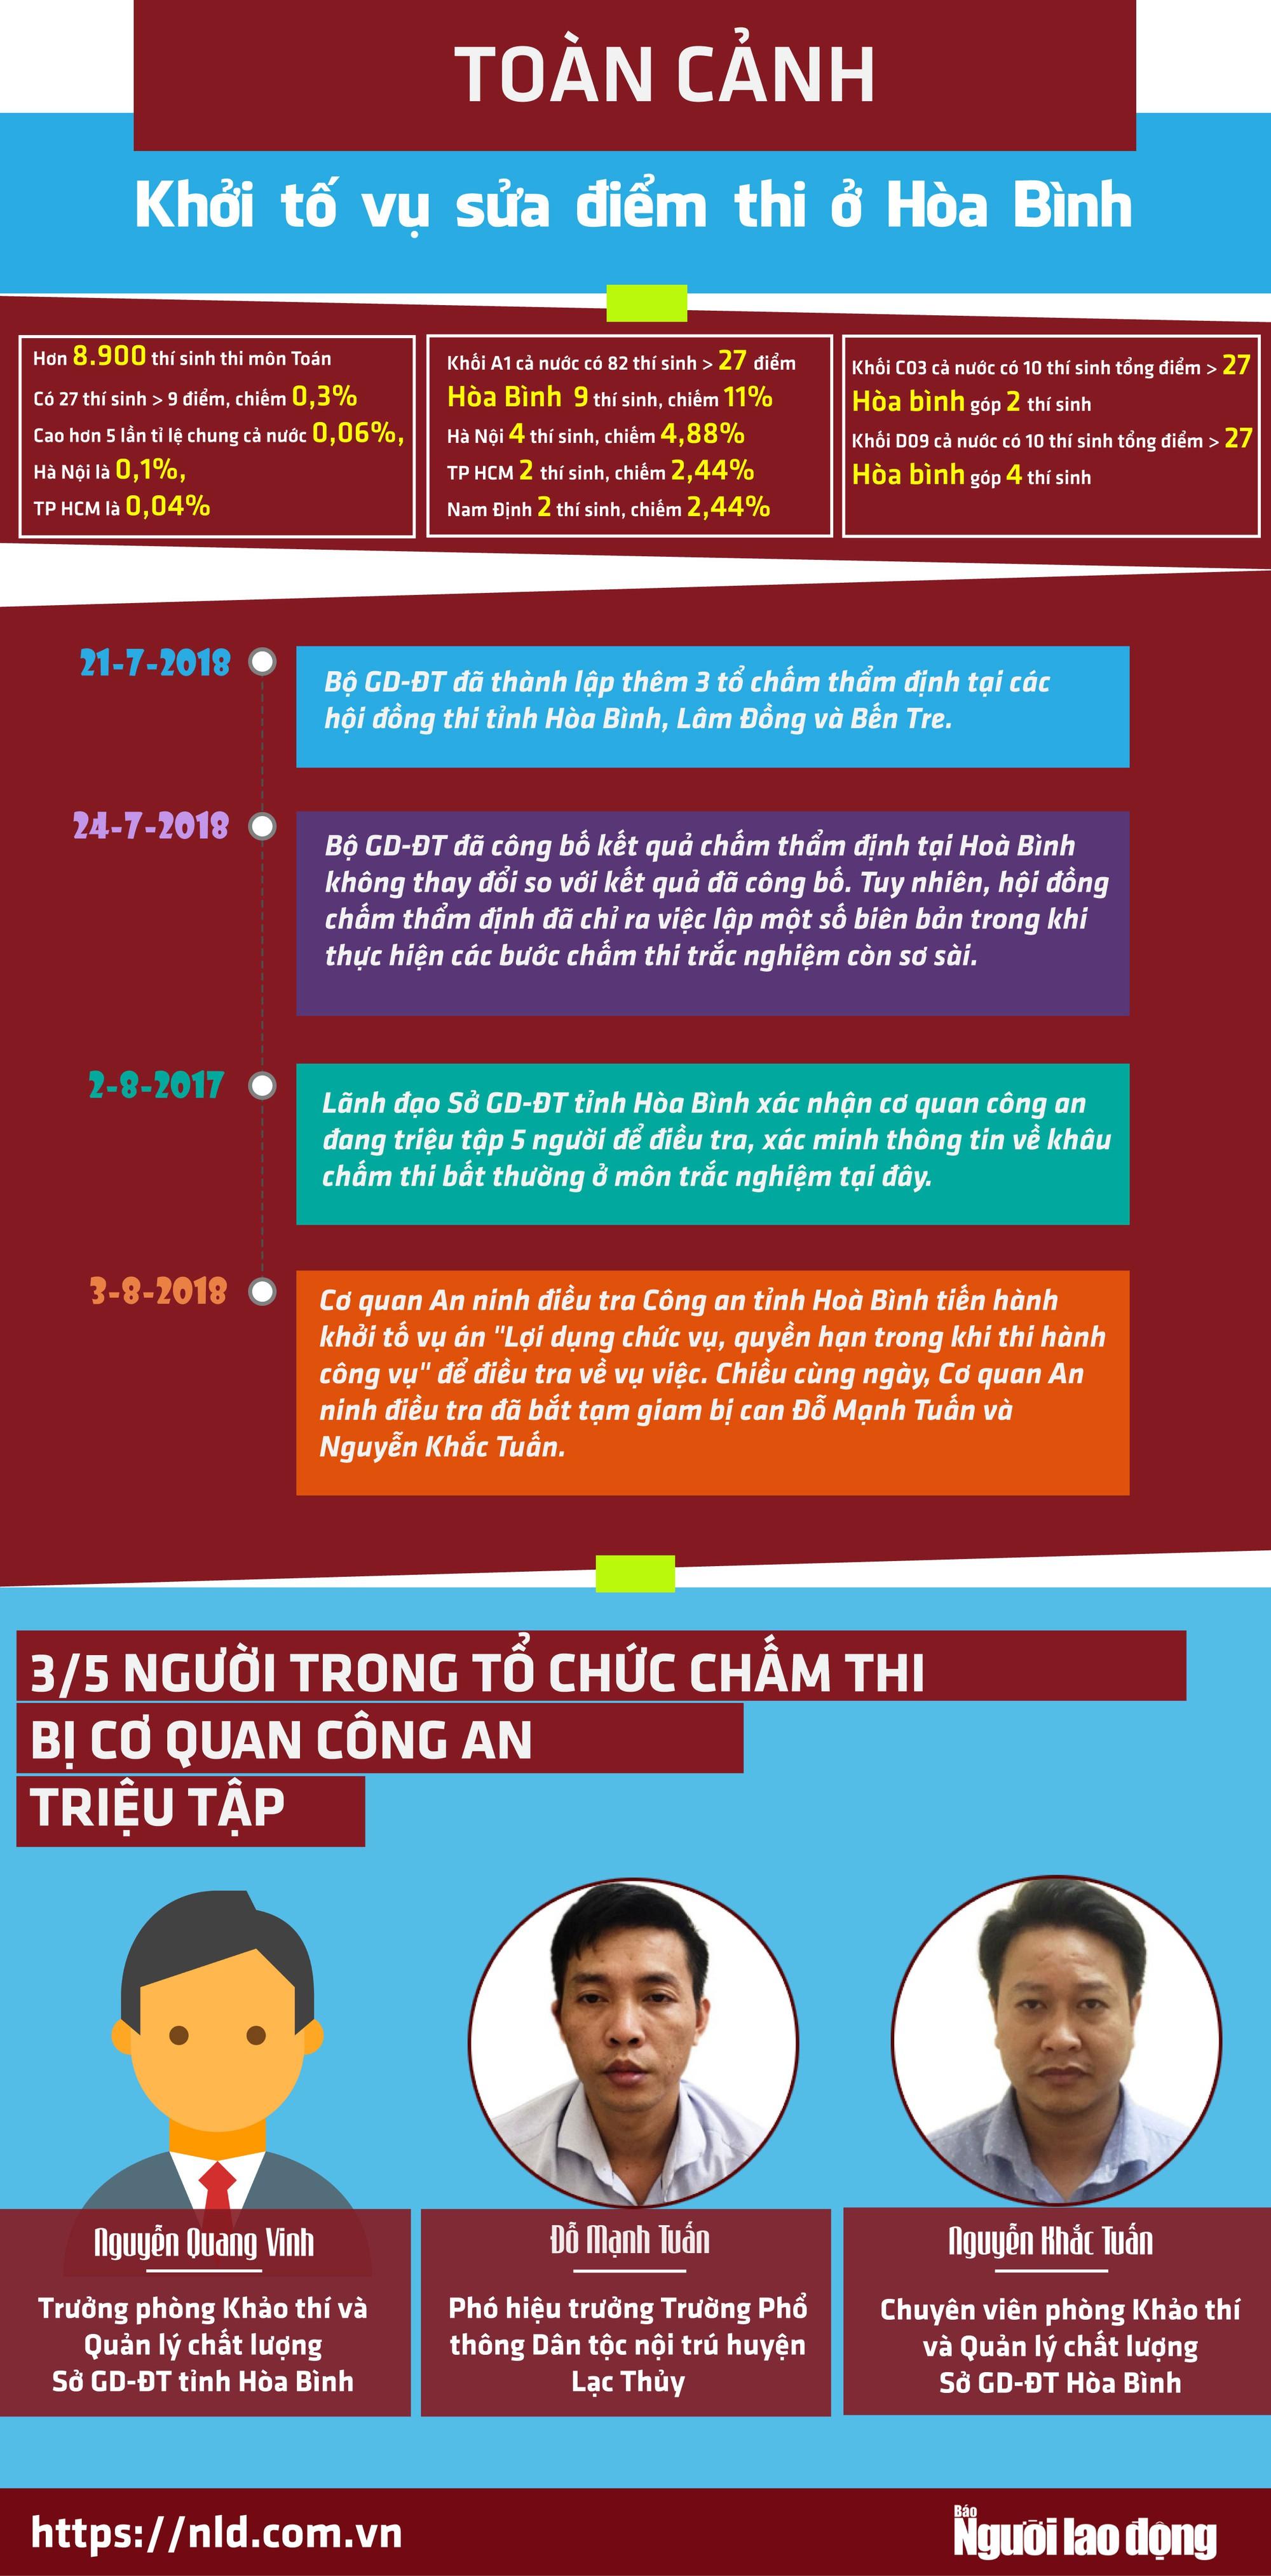 (Infographic) - Toàn cảnh vụ gian lận điểm thi ở Hòa Bình - Ảnh 1.